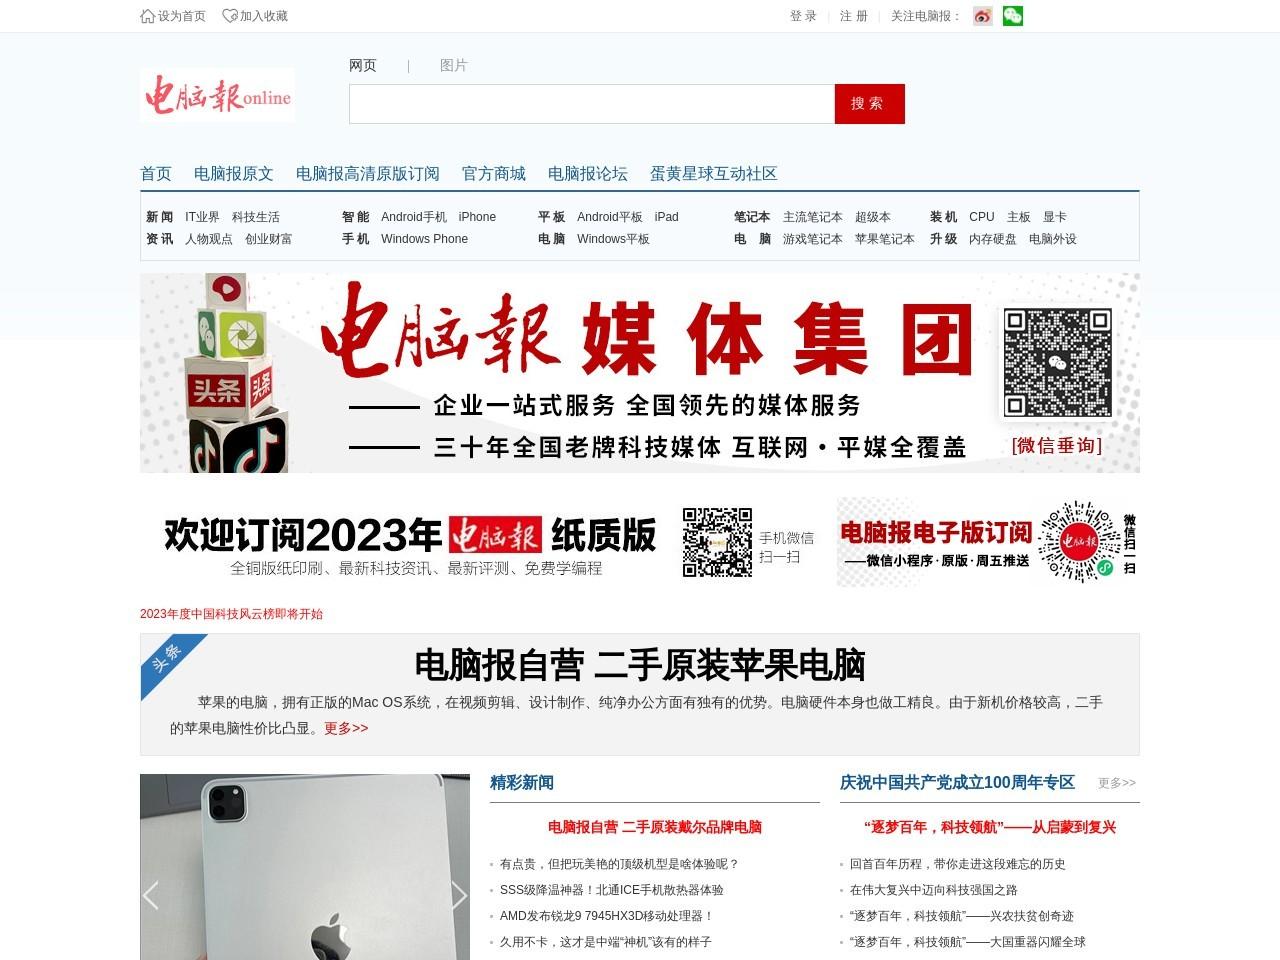 电脑报官方网站